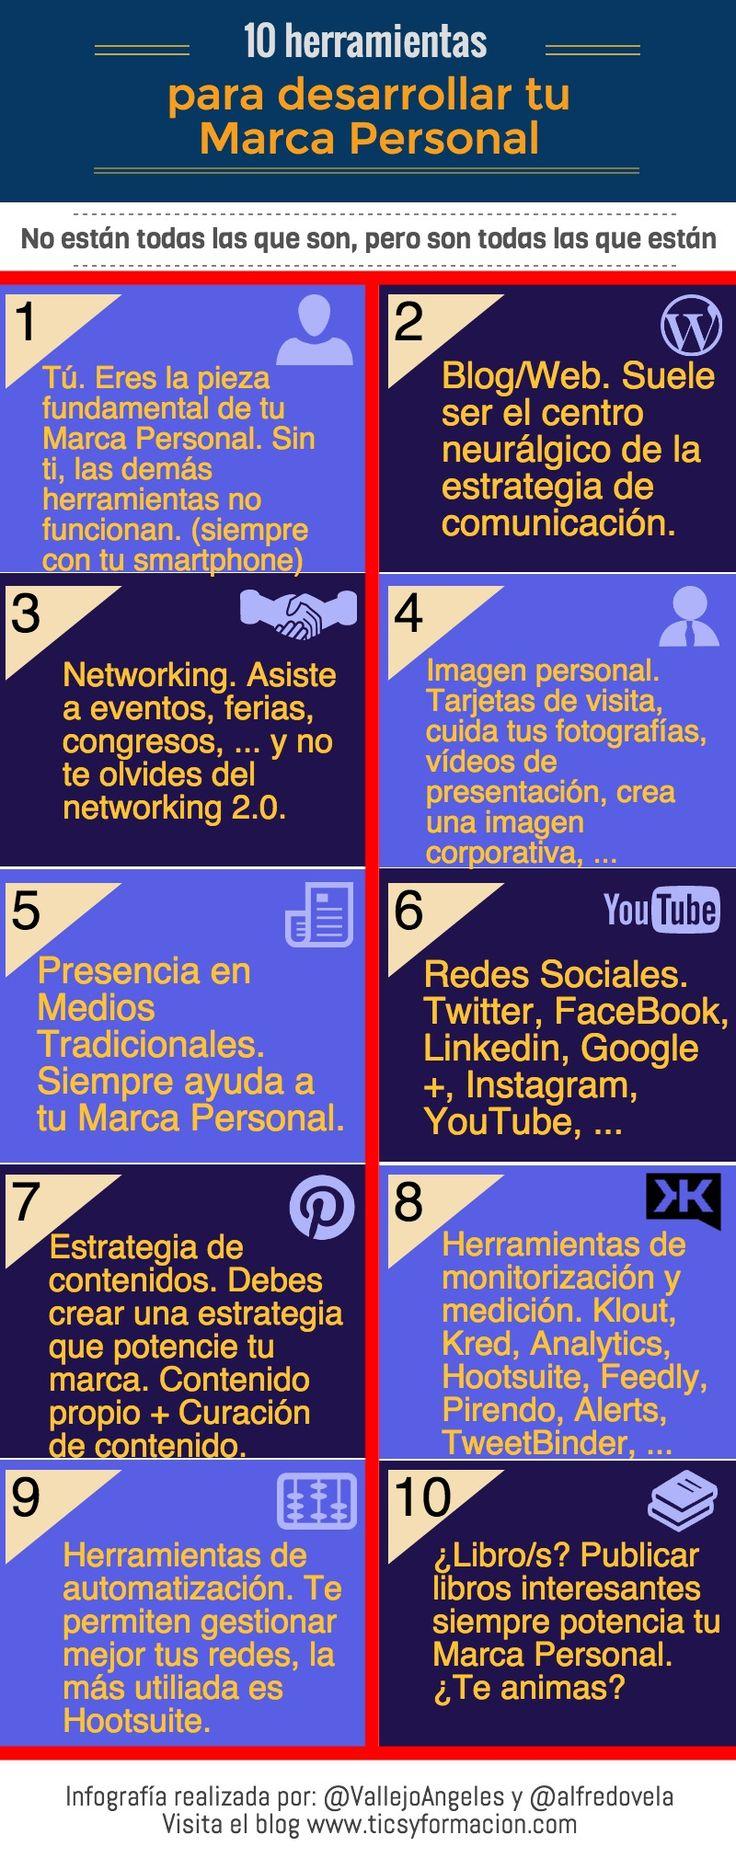 Hola: Una infografía con 10 herramientas para desarrollar tu Marca Personal. Un saludo